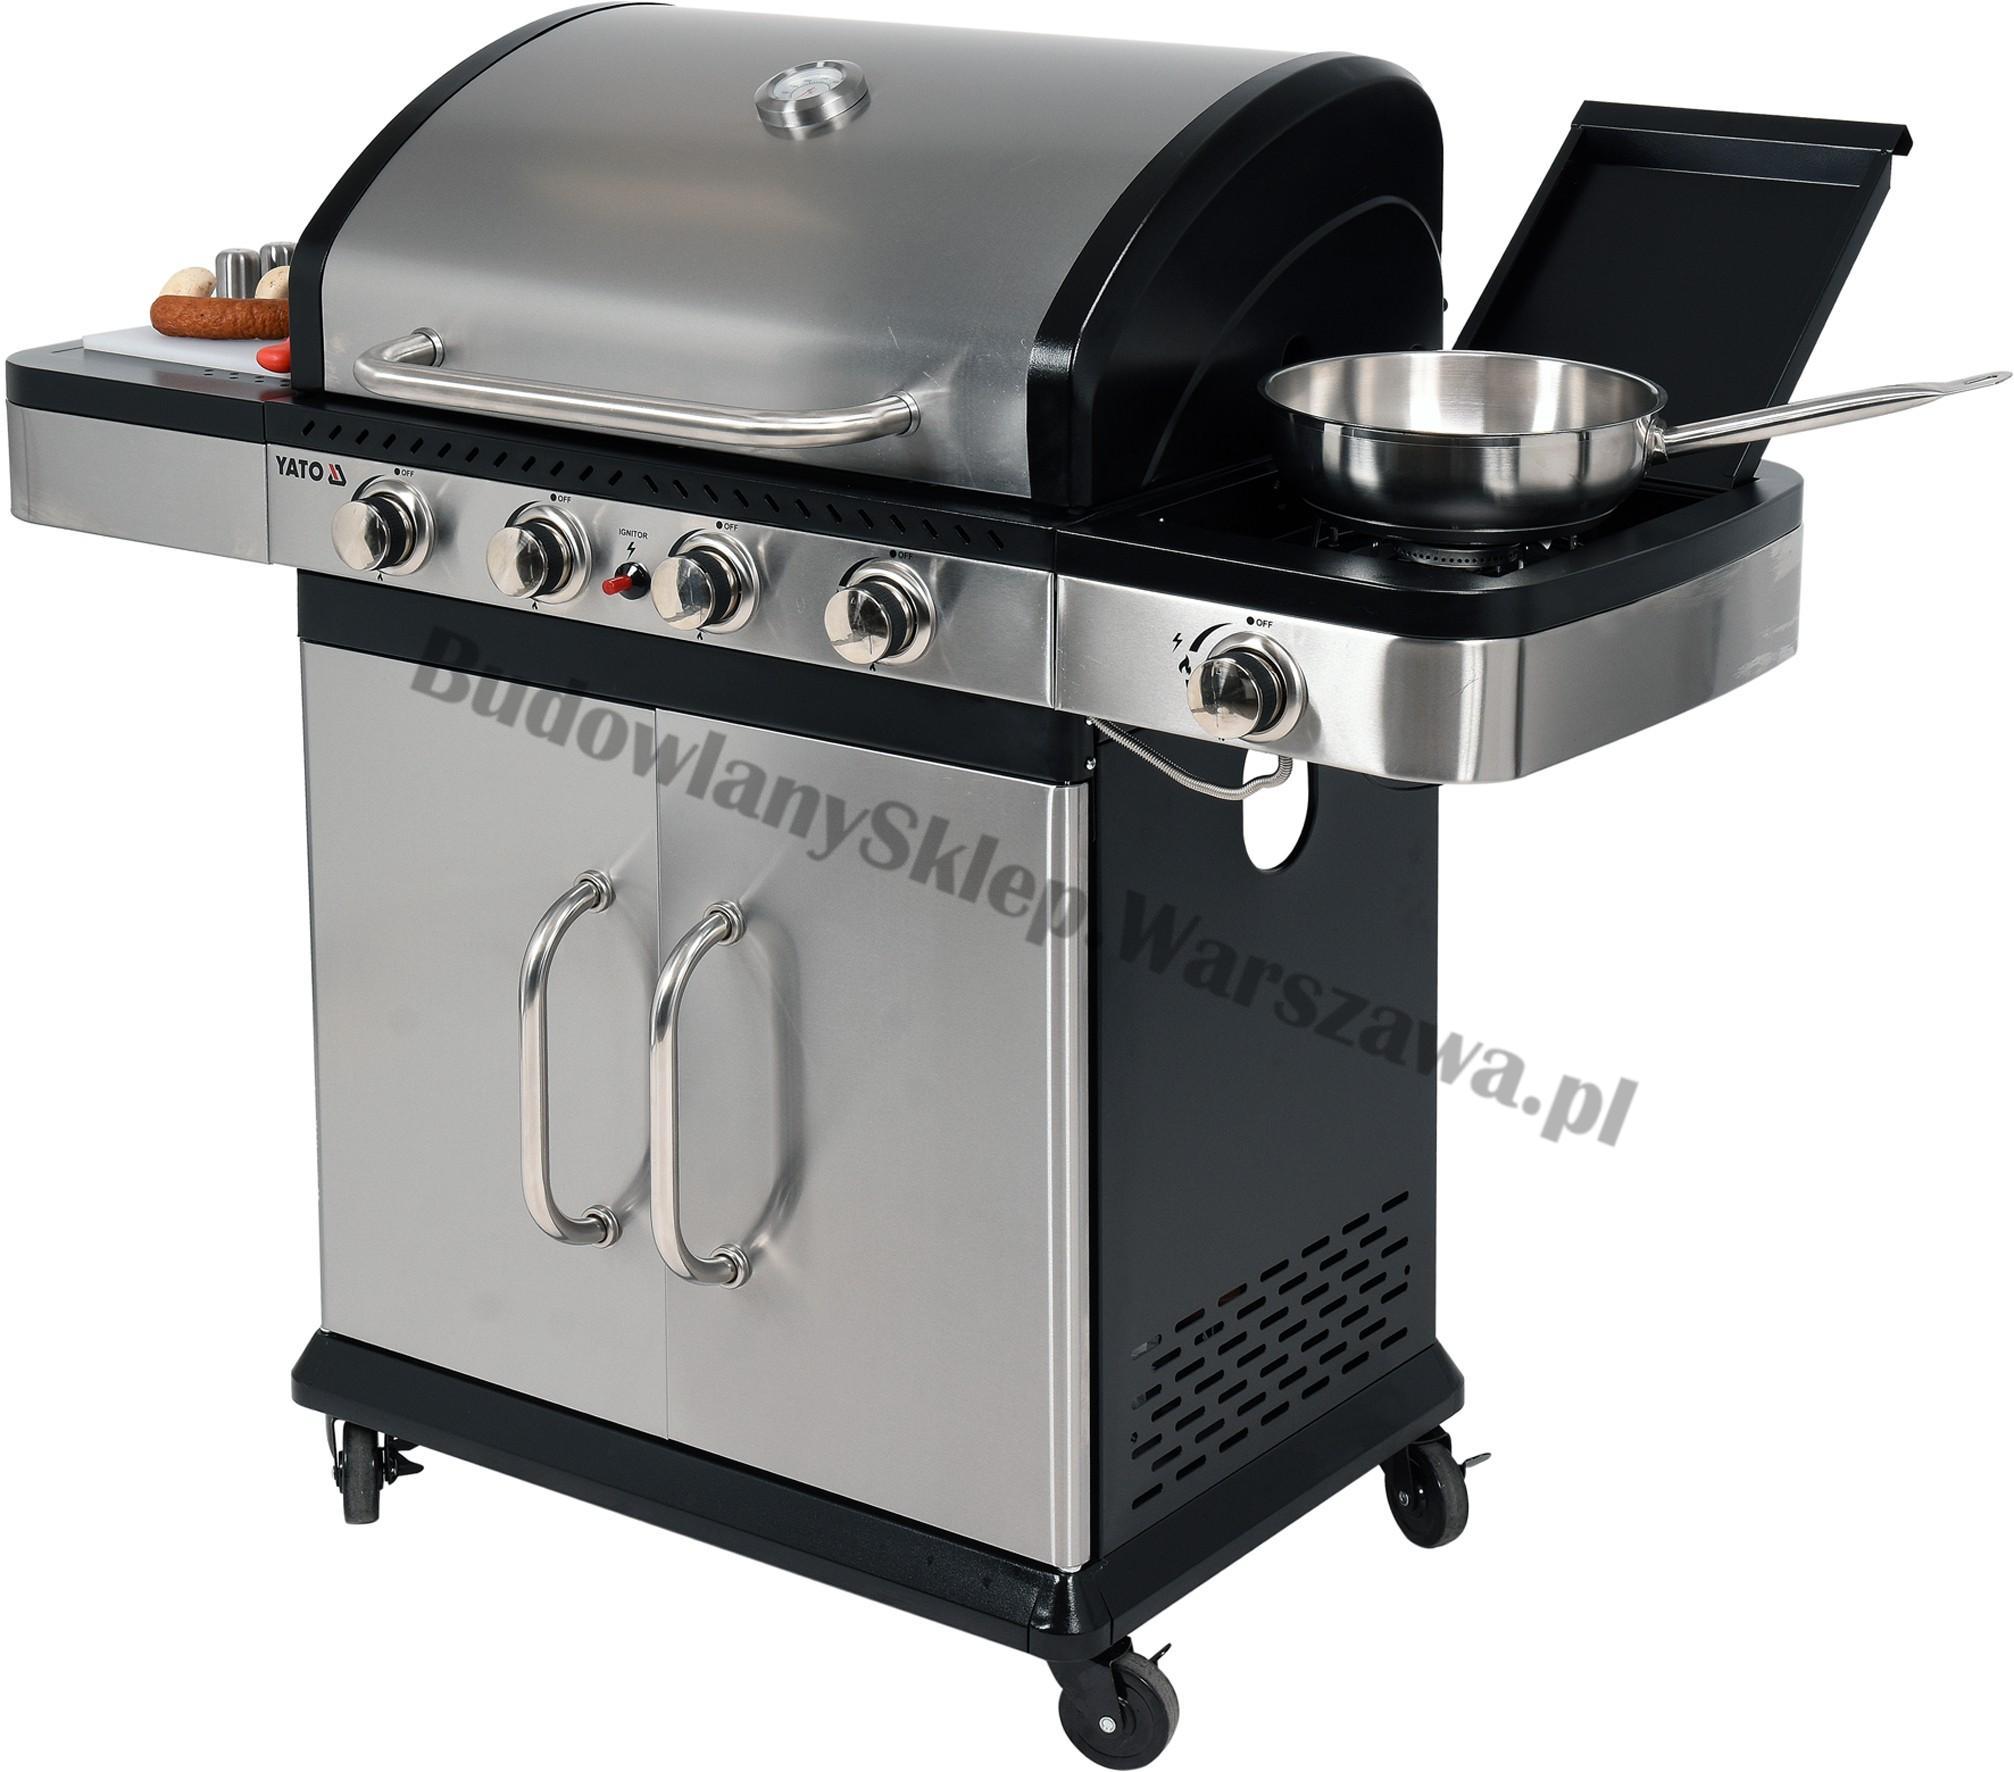 Profesjonalny grill gazowy YG-20011 13,3kw Toya